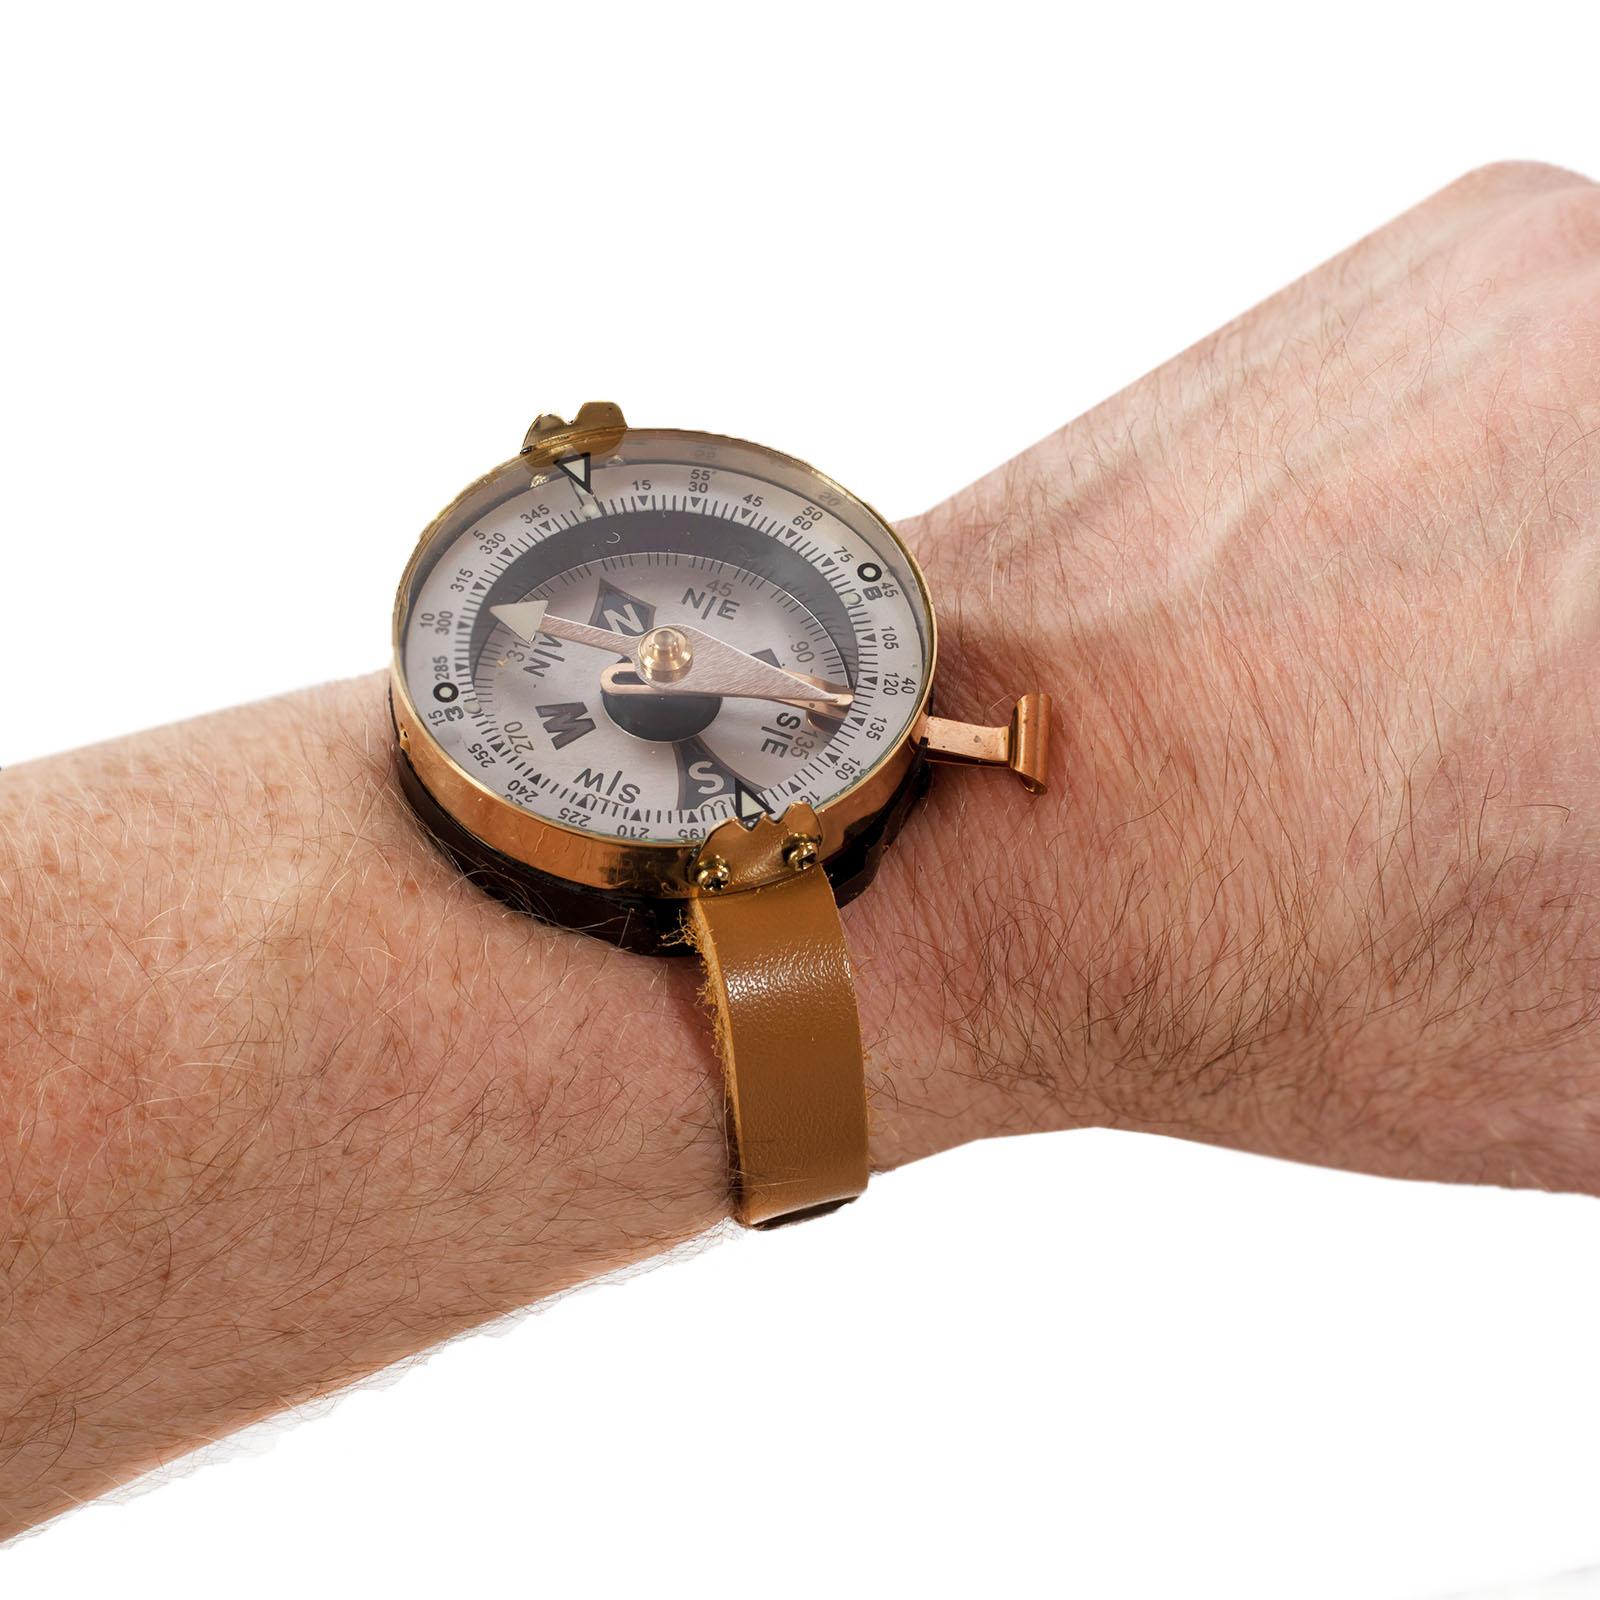 Купить компас Адрианова в интернет магазине